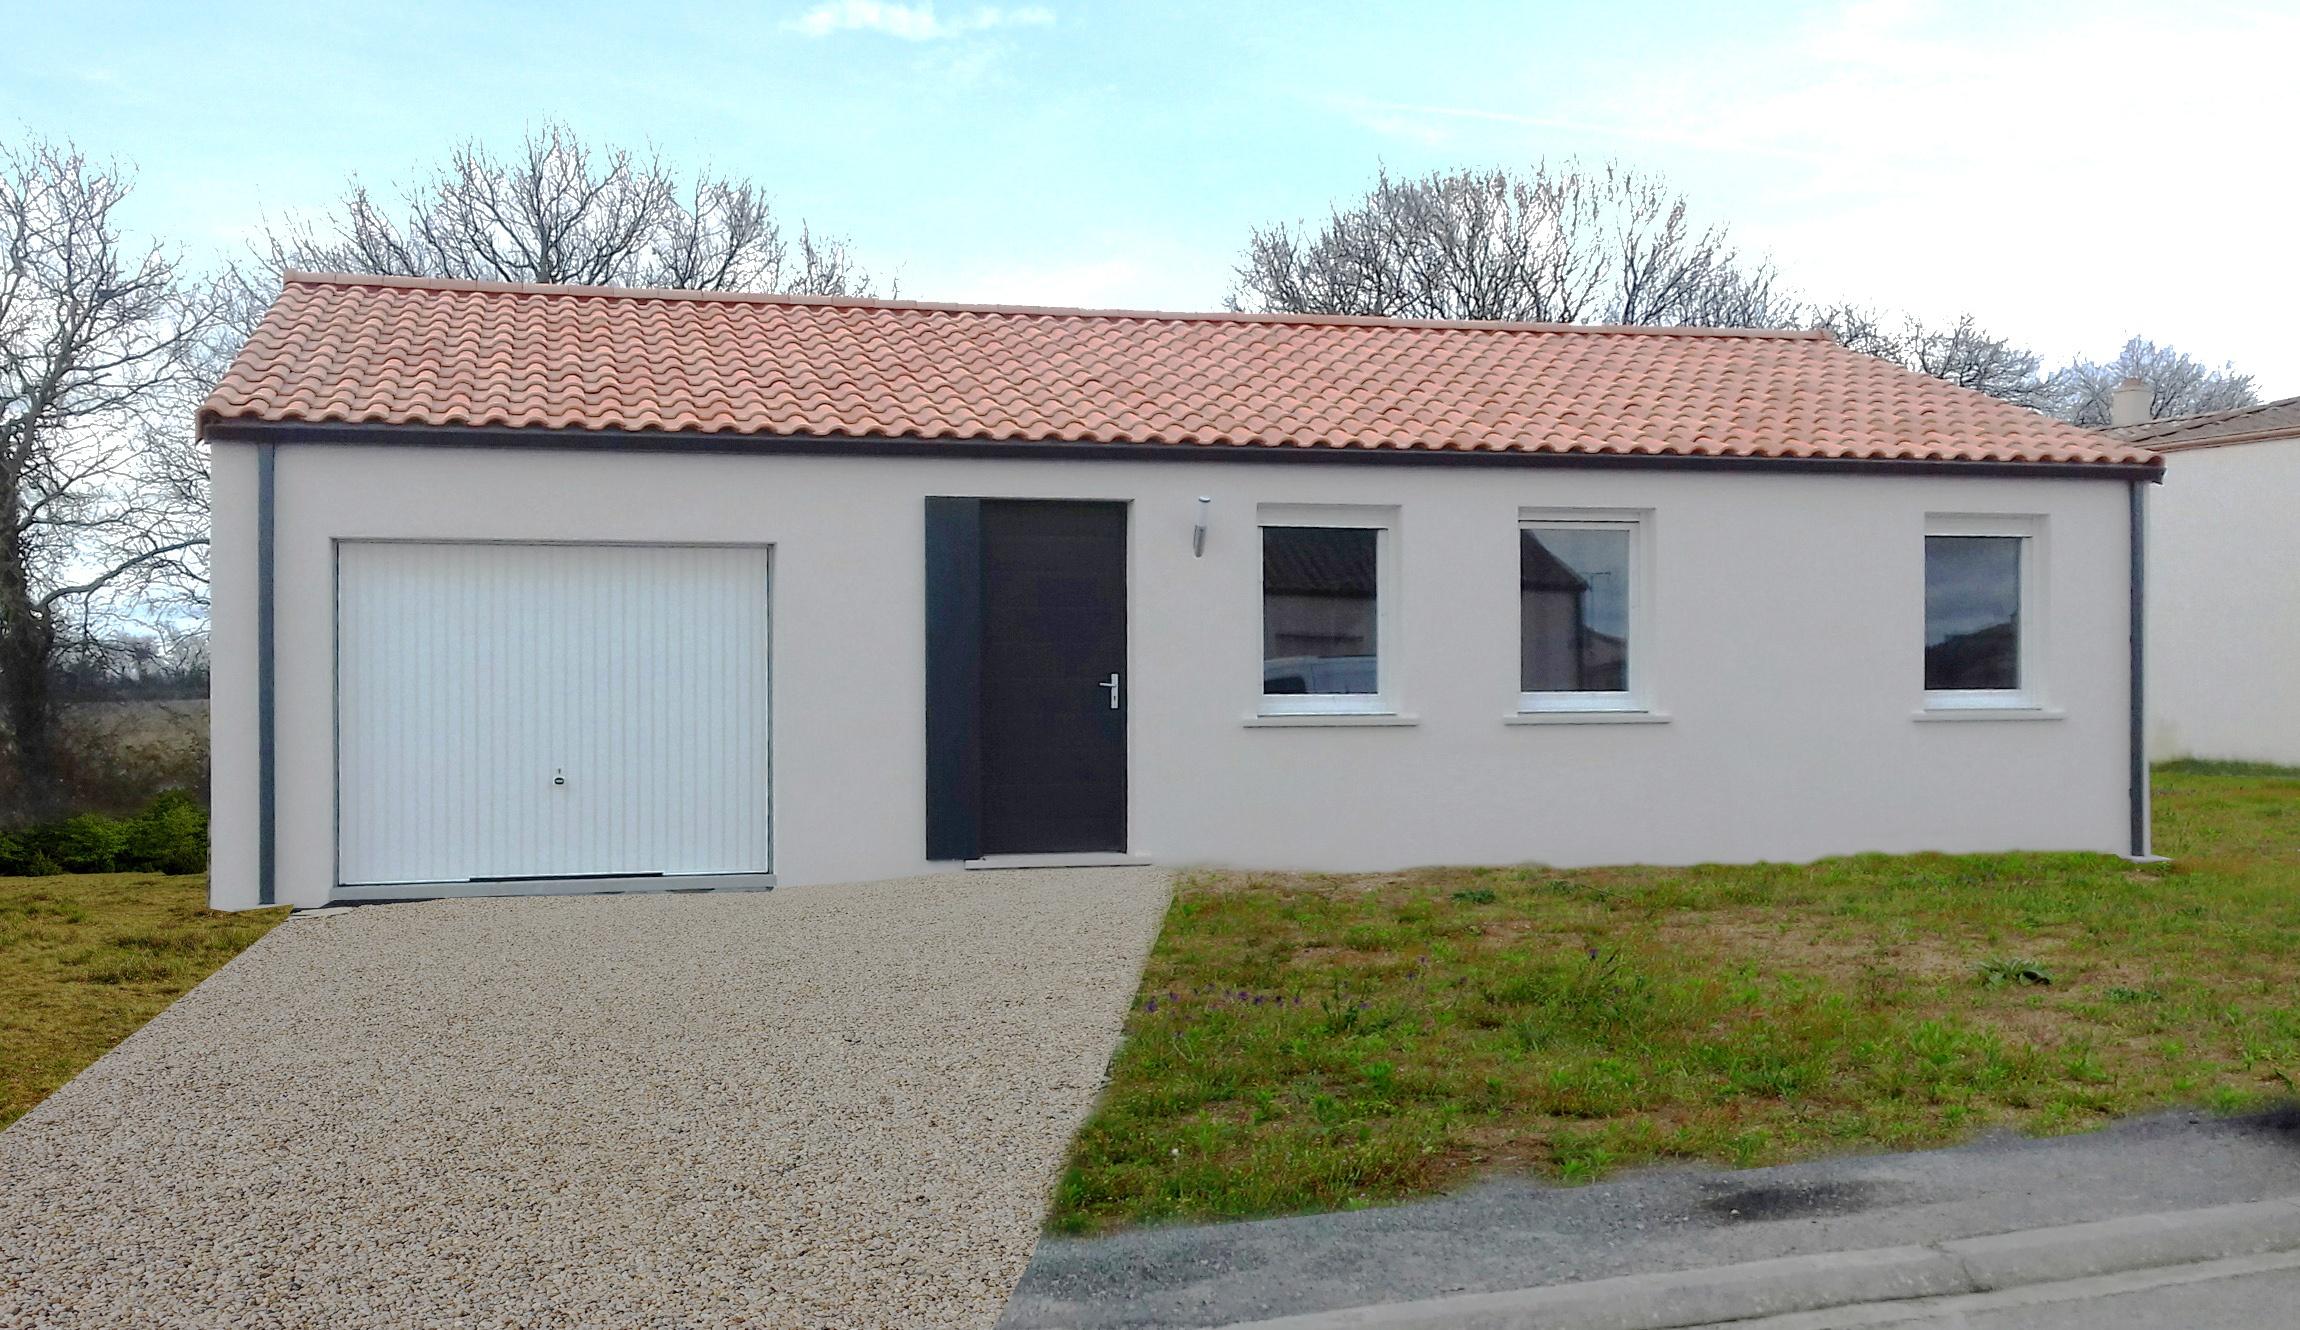 Maisons + Terrains du constructeur Maisons Phénix La-Roche-Sur-Yon • 86 m² • SAINT VINCENT SUR JARD